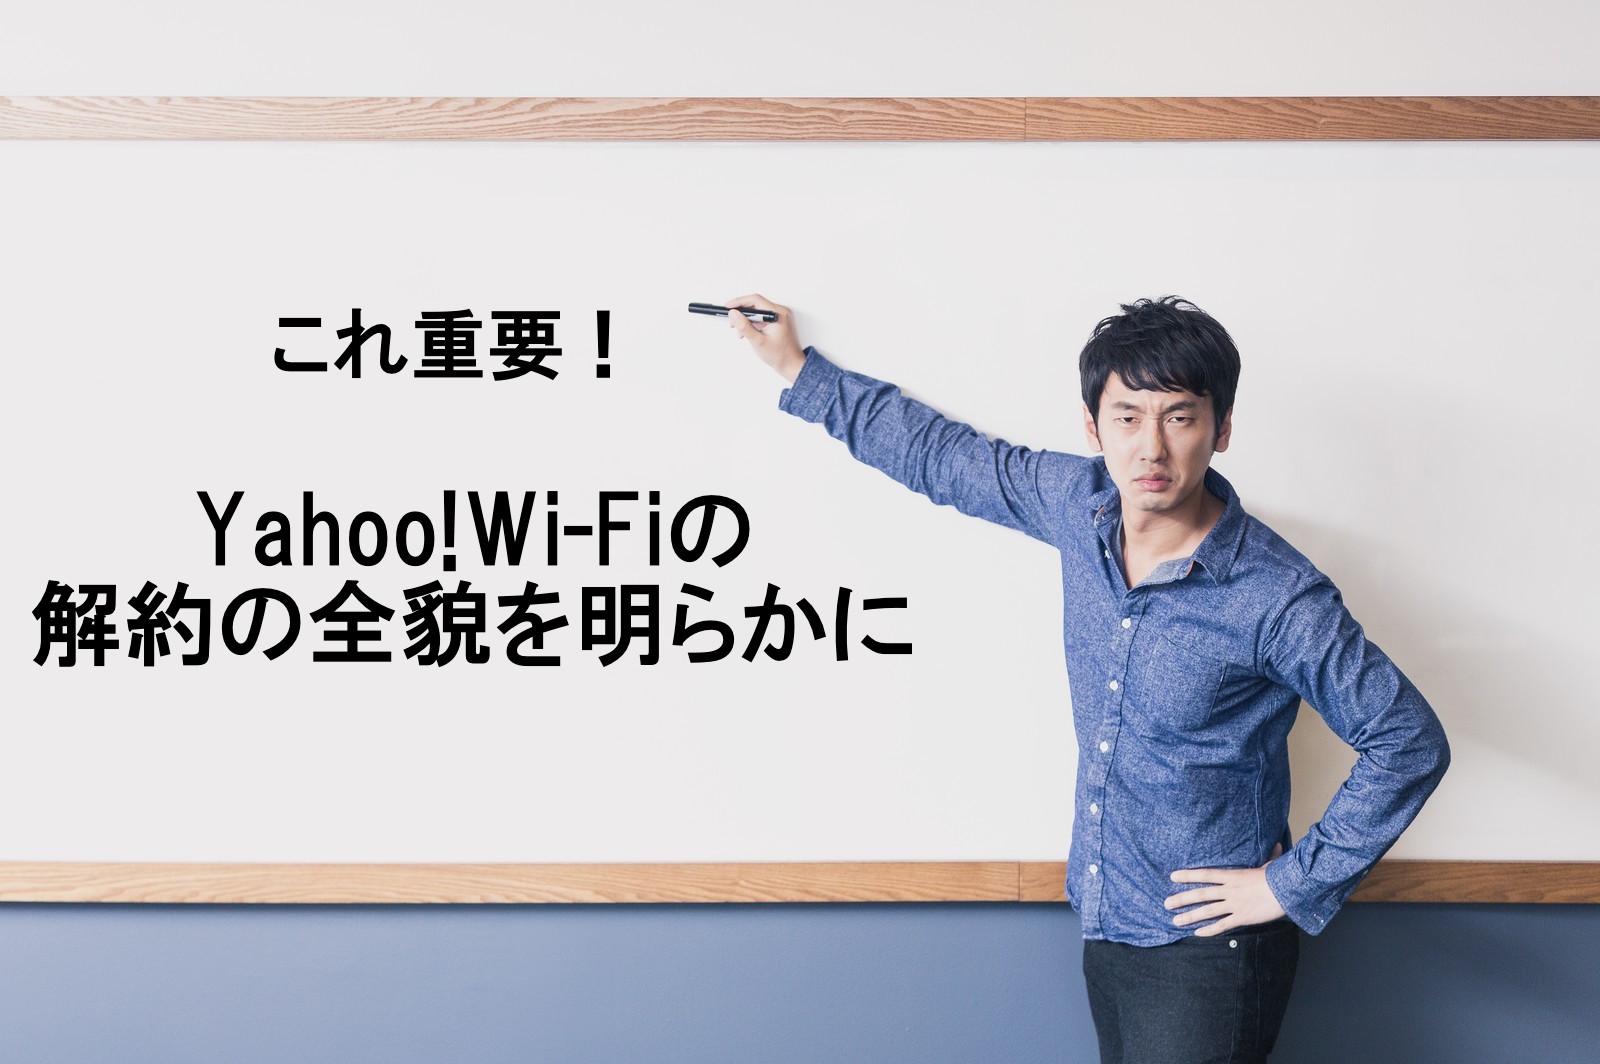 Yahoo!Wi-Fi解約